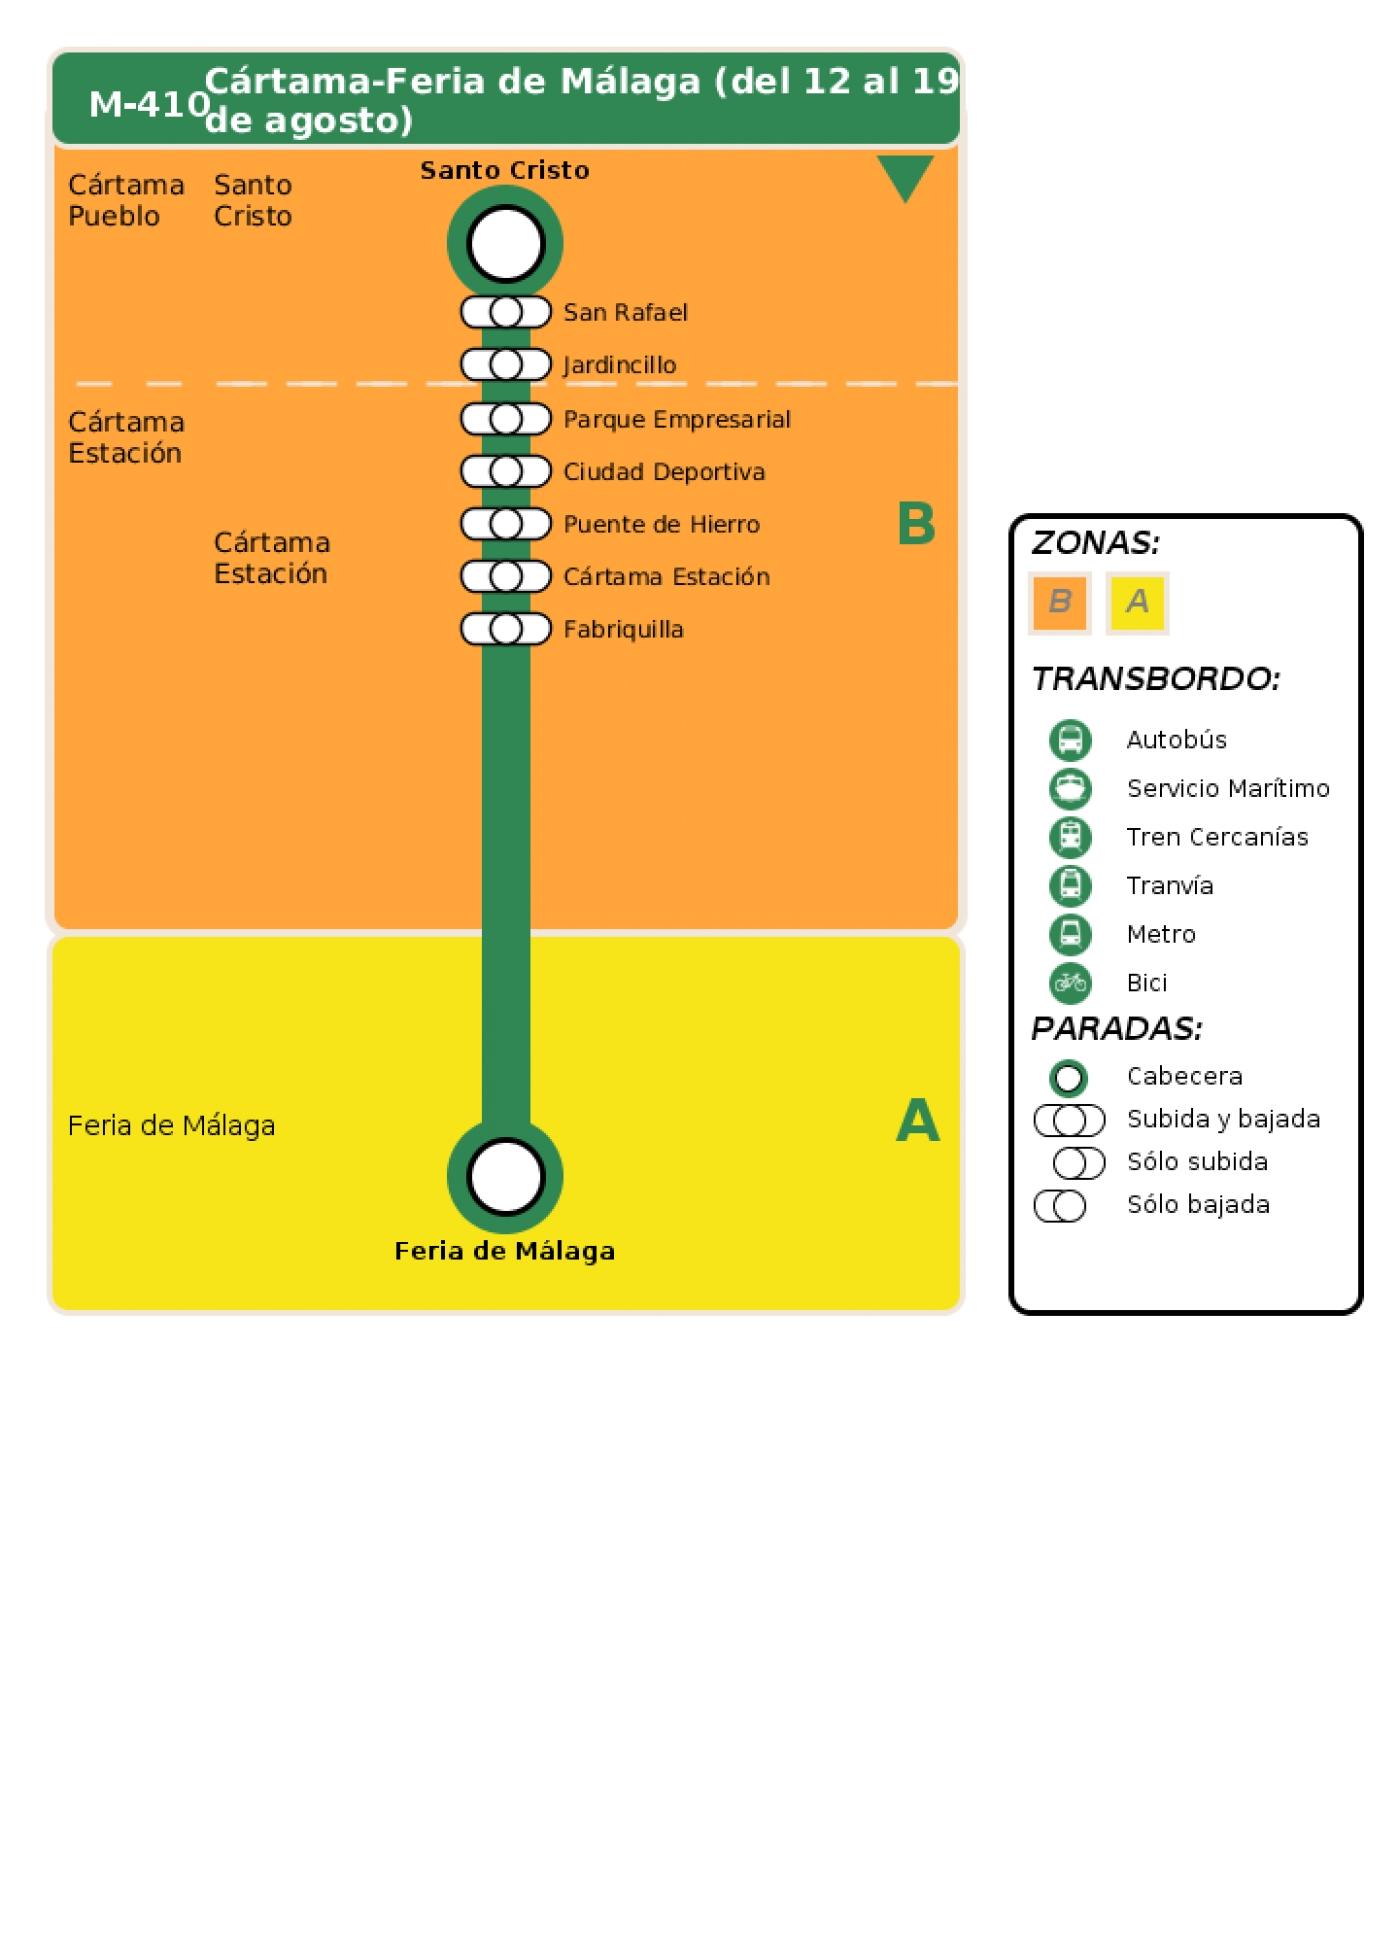 Recorrido esquemático, paradas y correspondencias en sentido ida Línea M-410: Cártama - Feria de Málaga